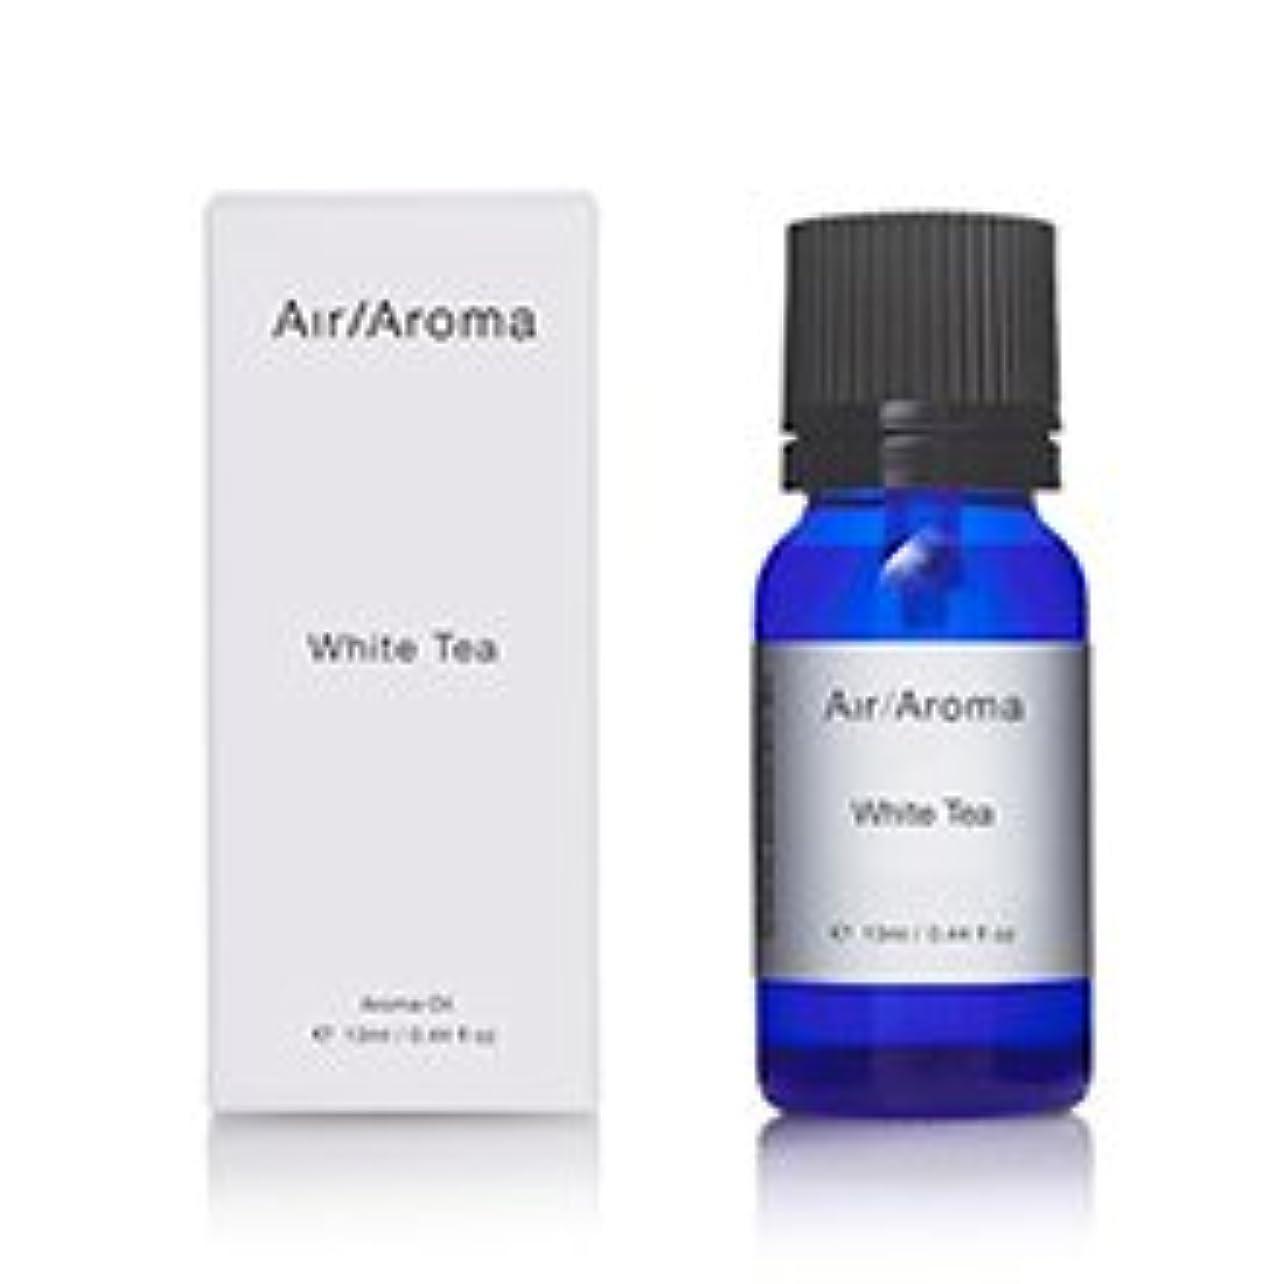 怒っている飛行機頑張るエアアロマ White Tea (ホワイトティー) 13ml